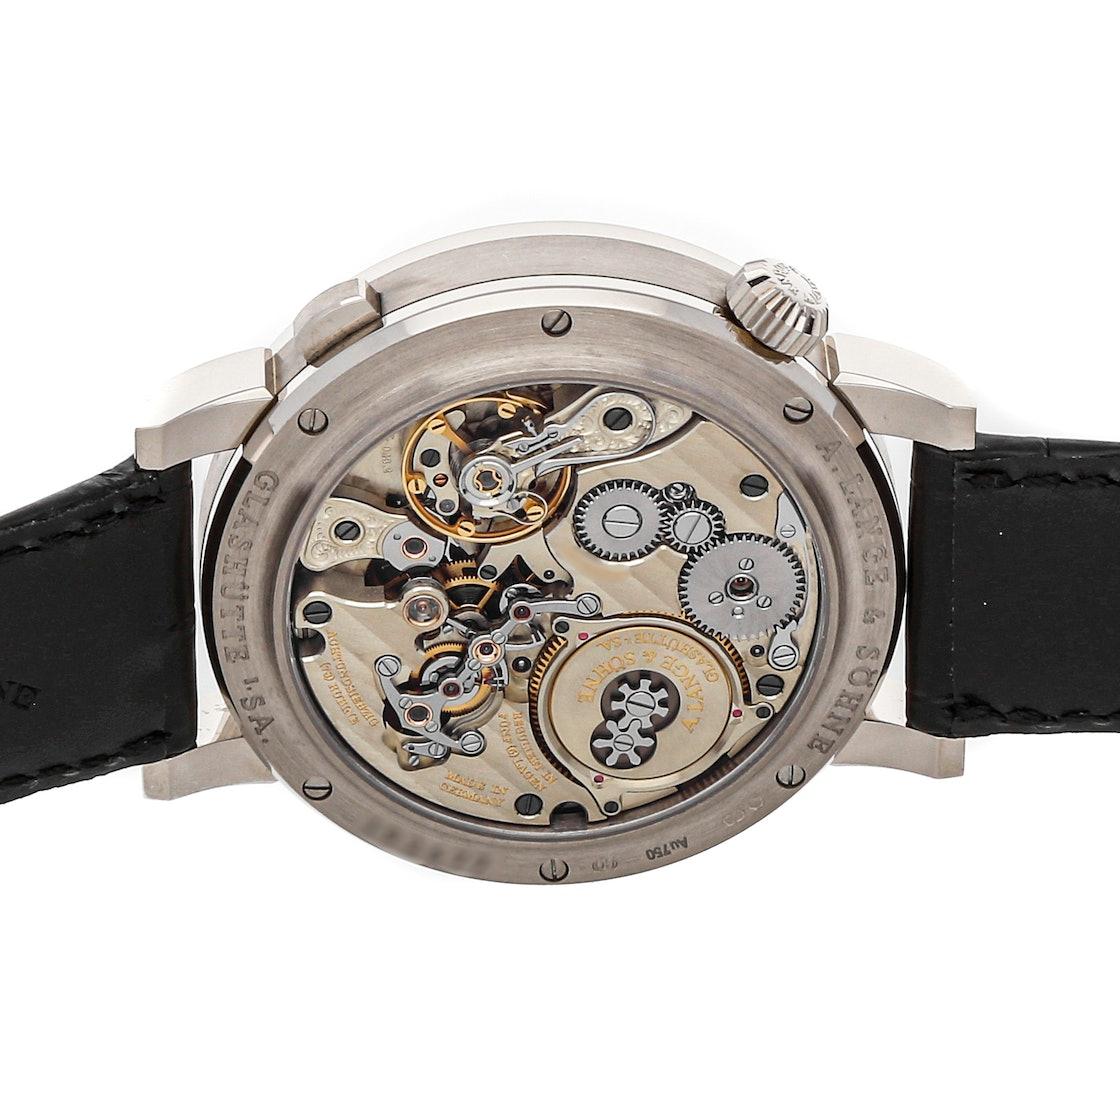 A. Lange & Sohne Zeitwerk Striking Time 145.029